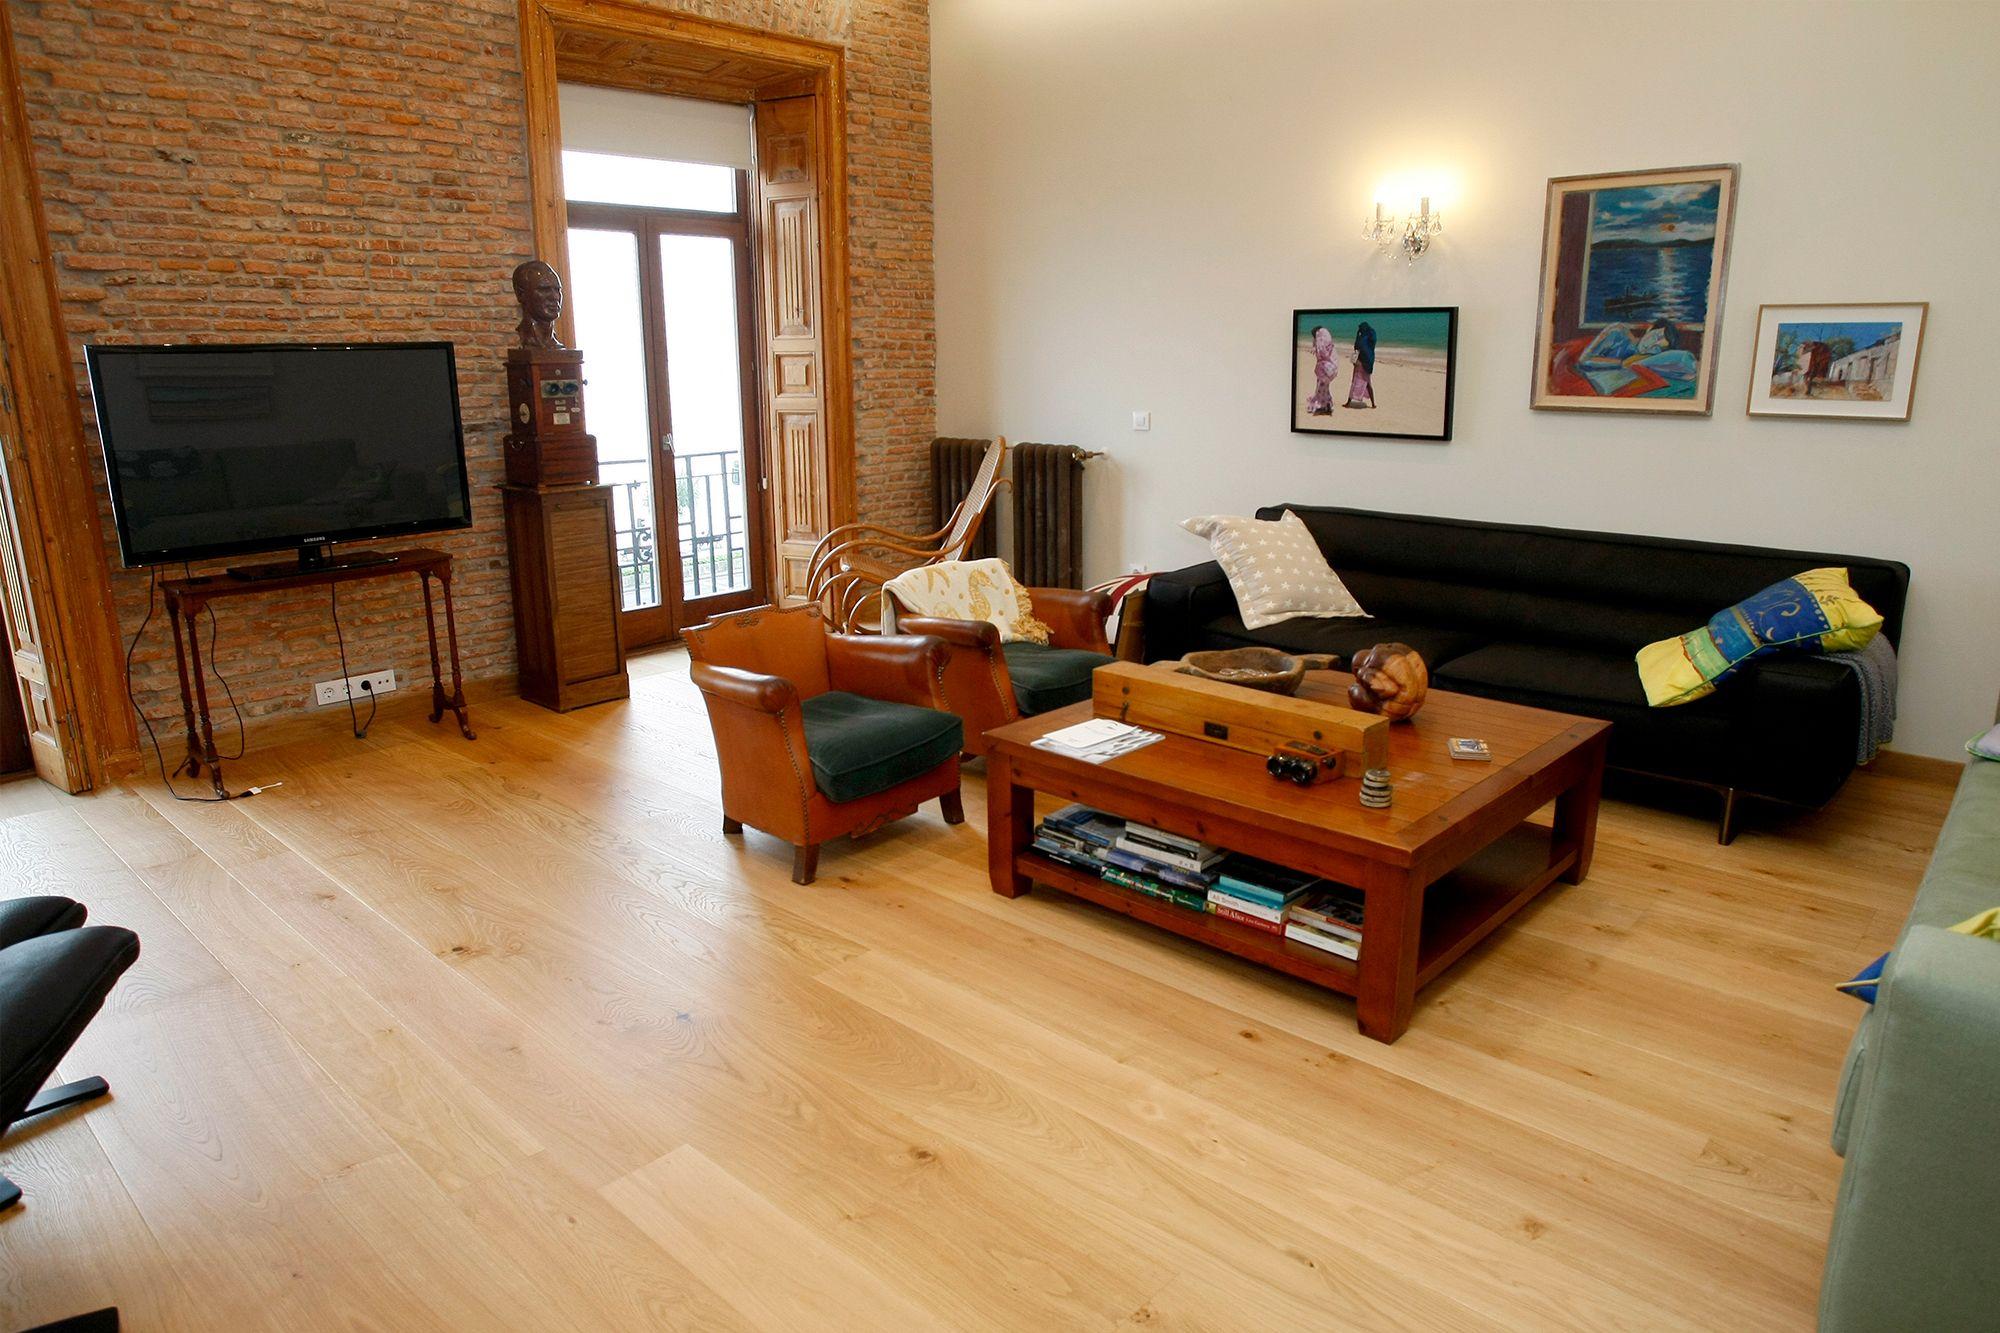 Instalación de madera natural Surco